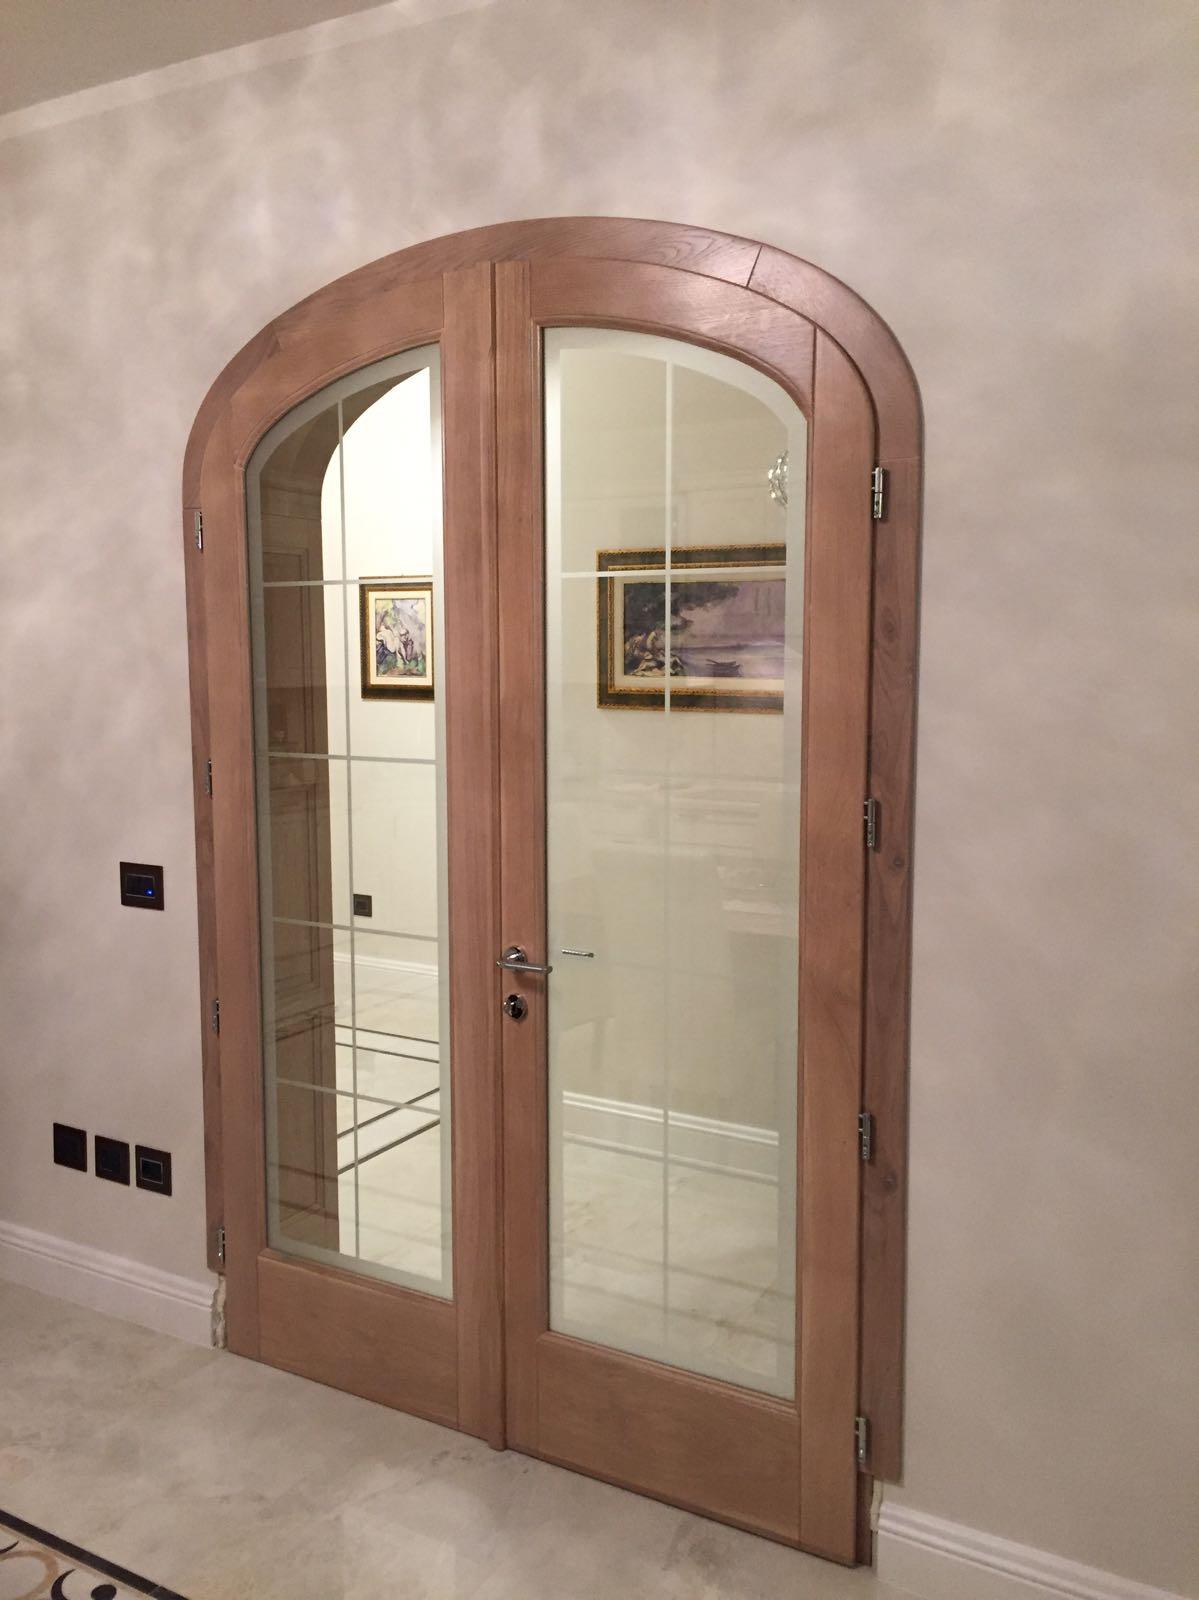 porte artigianali legno vetro ESCAPE='HTML'